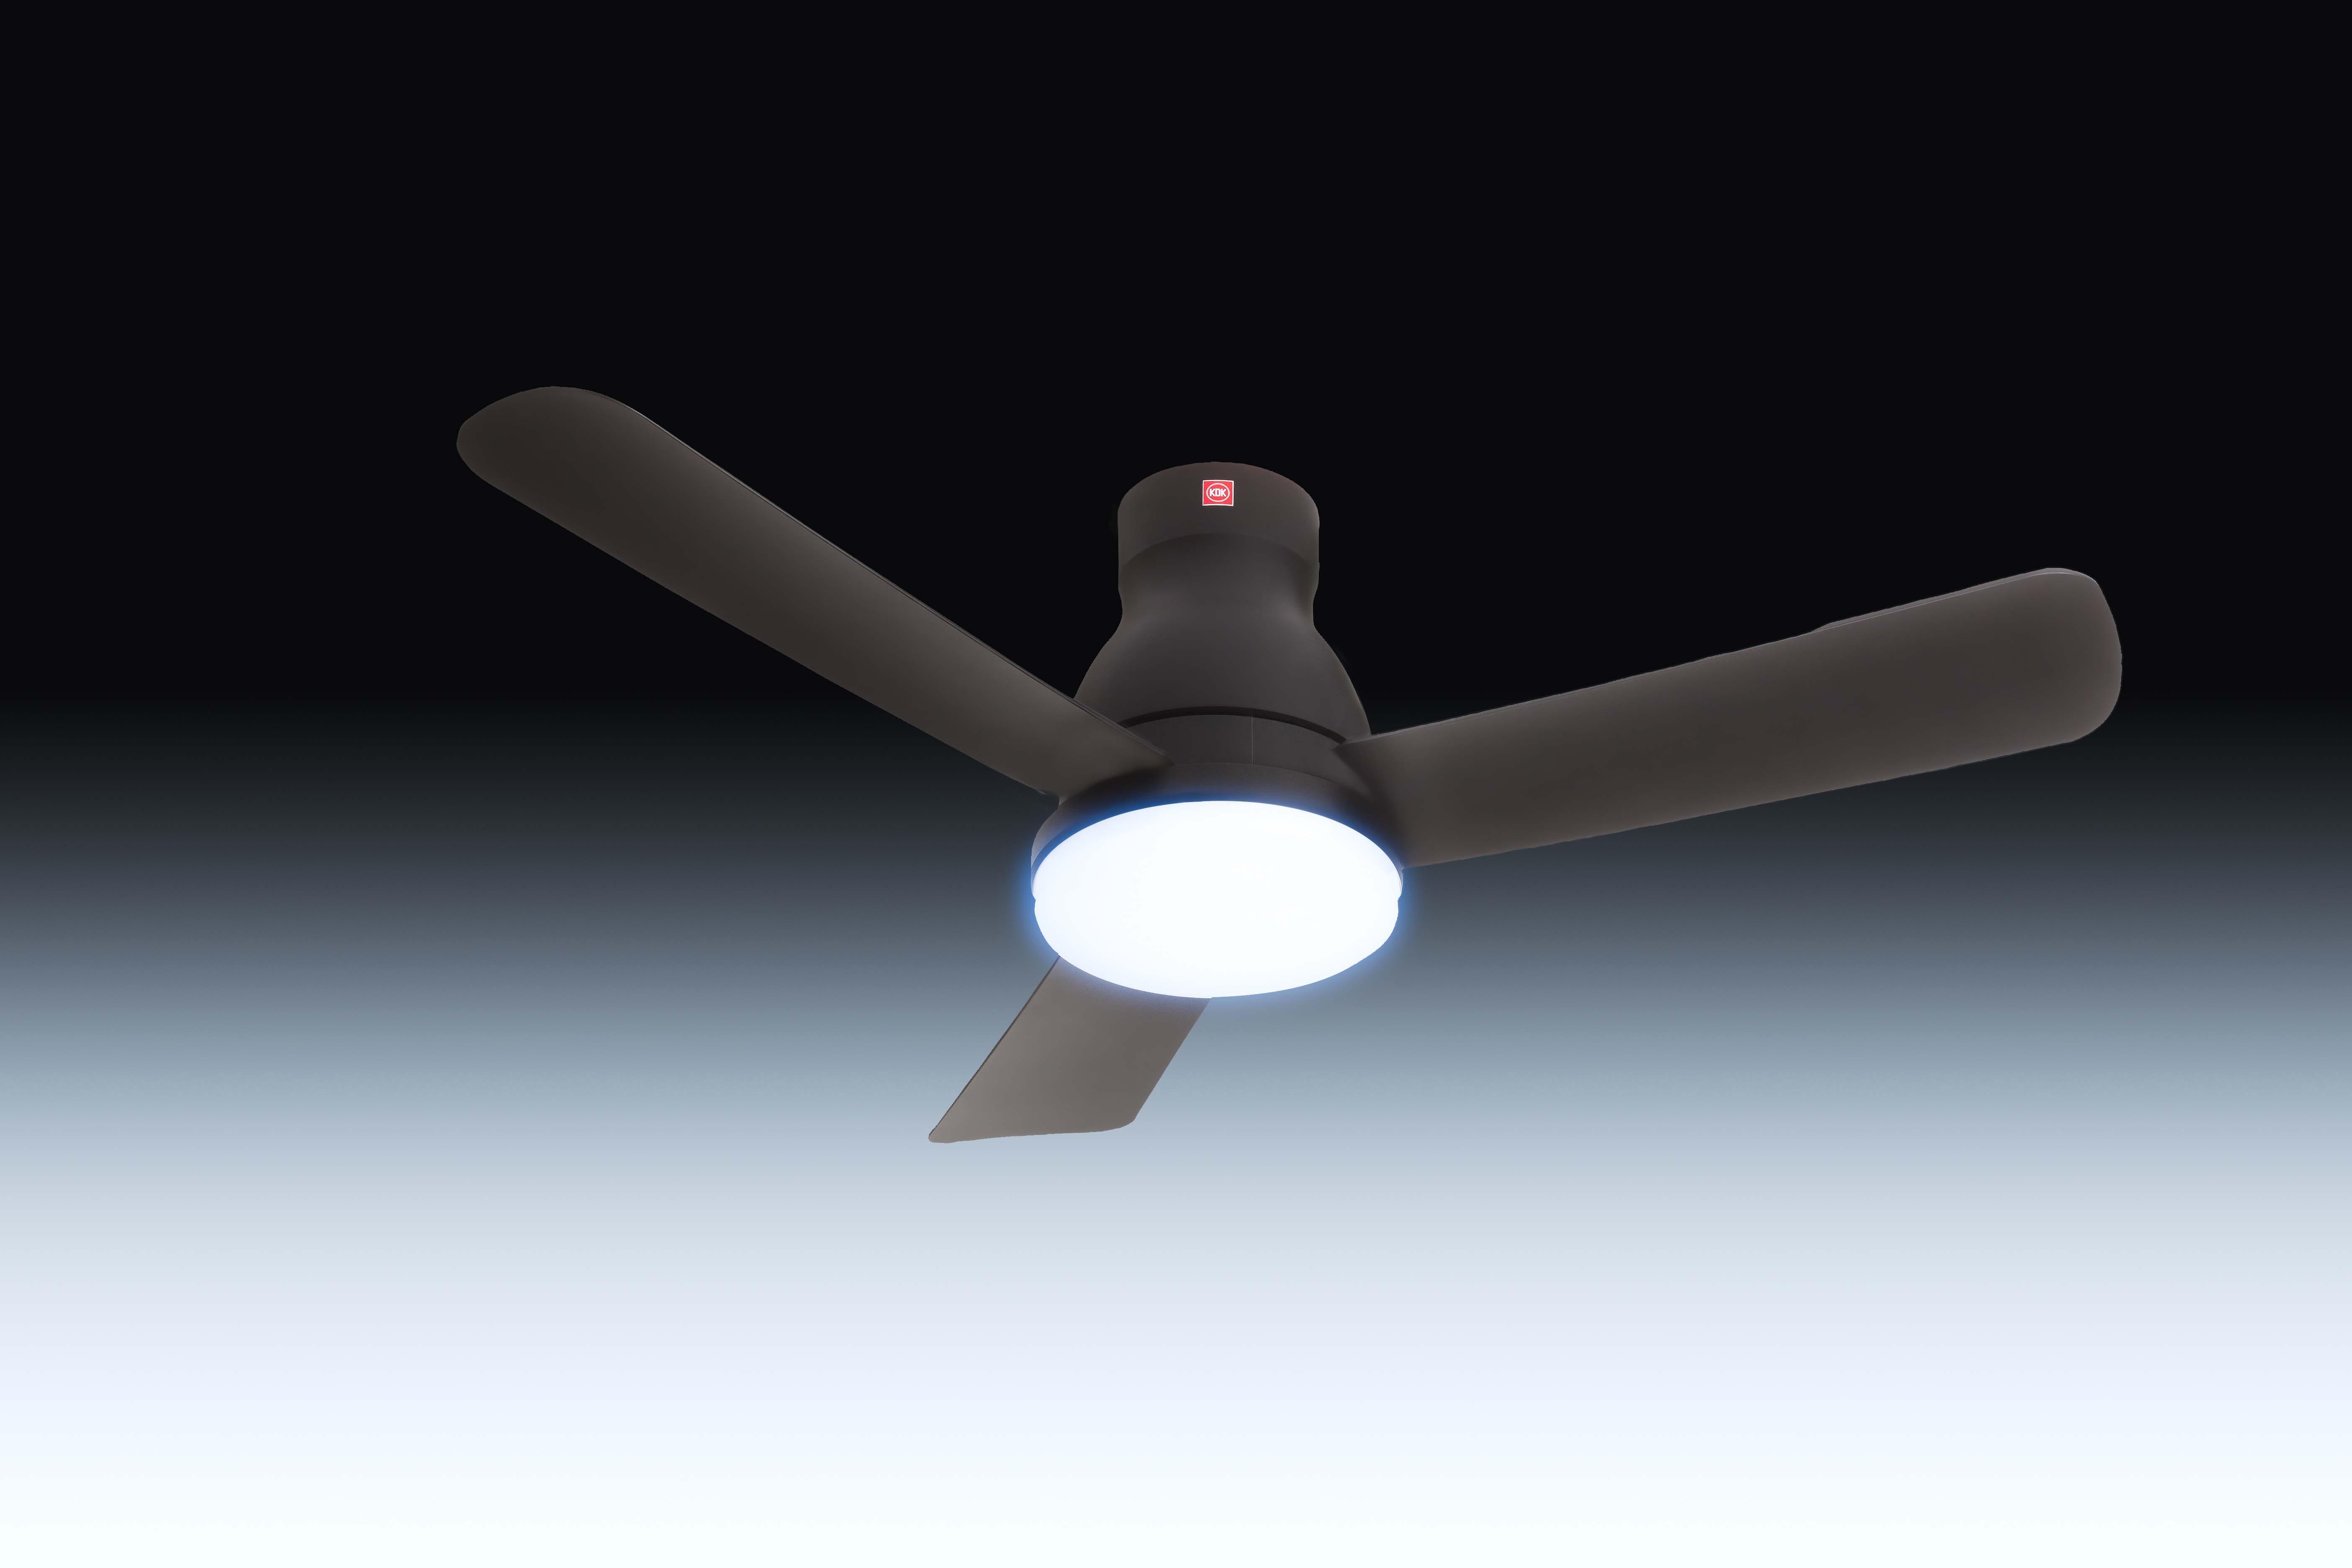 Buy Kdk U48fp 120cm Ceiling Fan With Light Dc Motor Remote